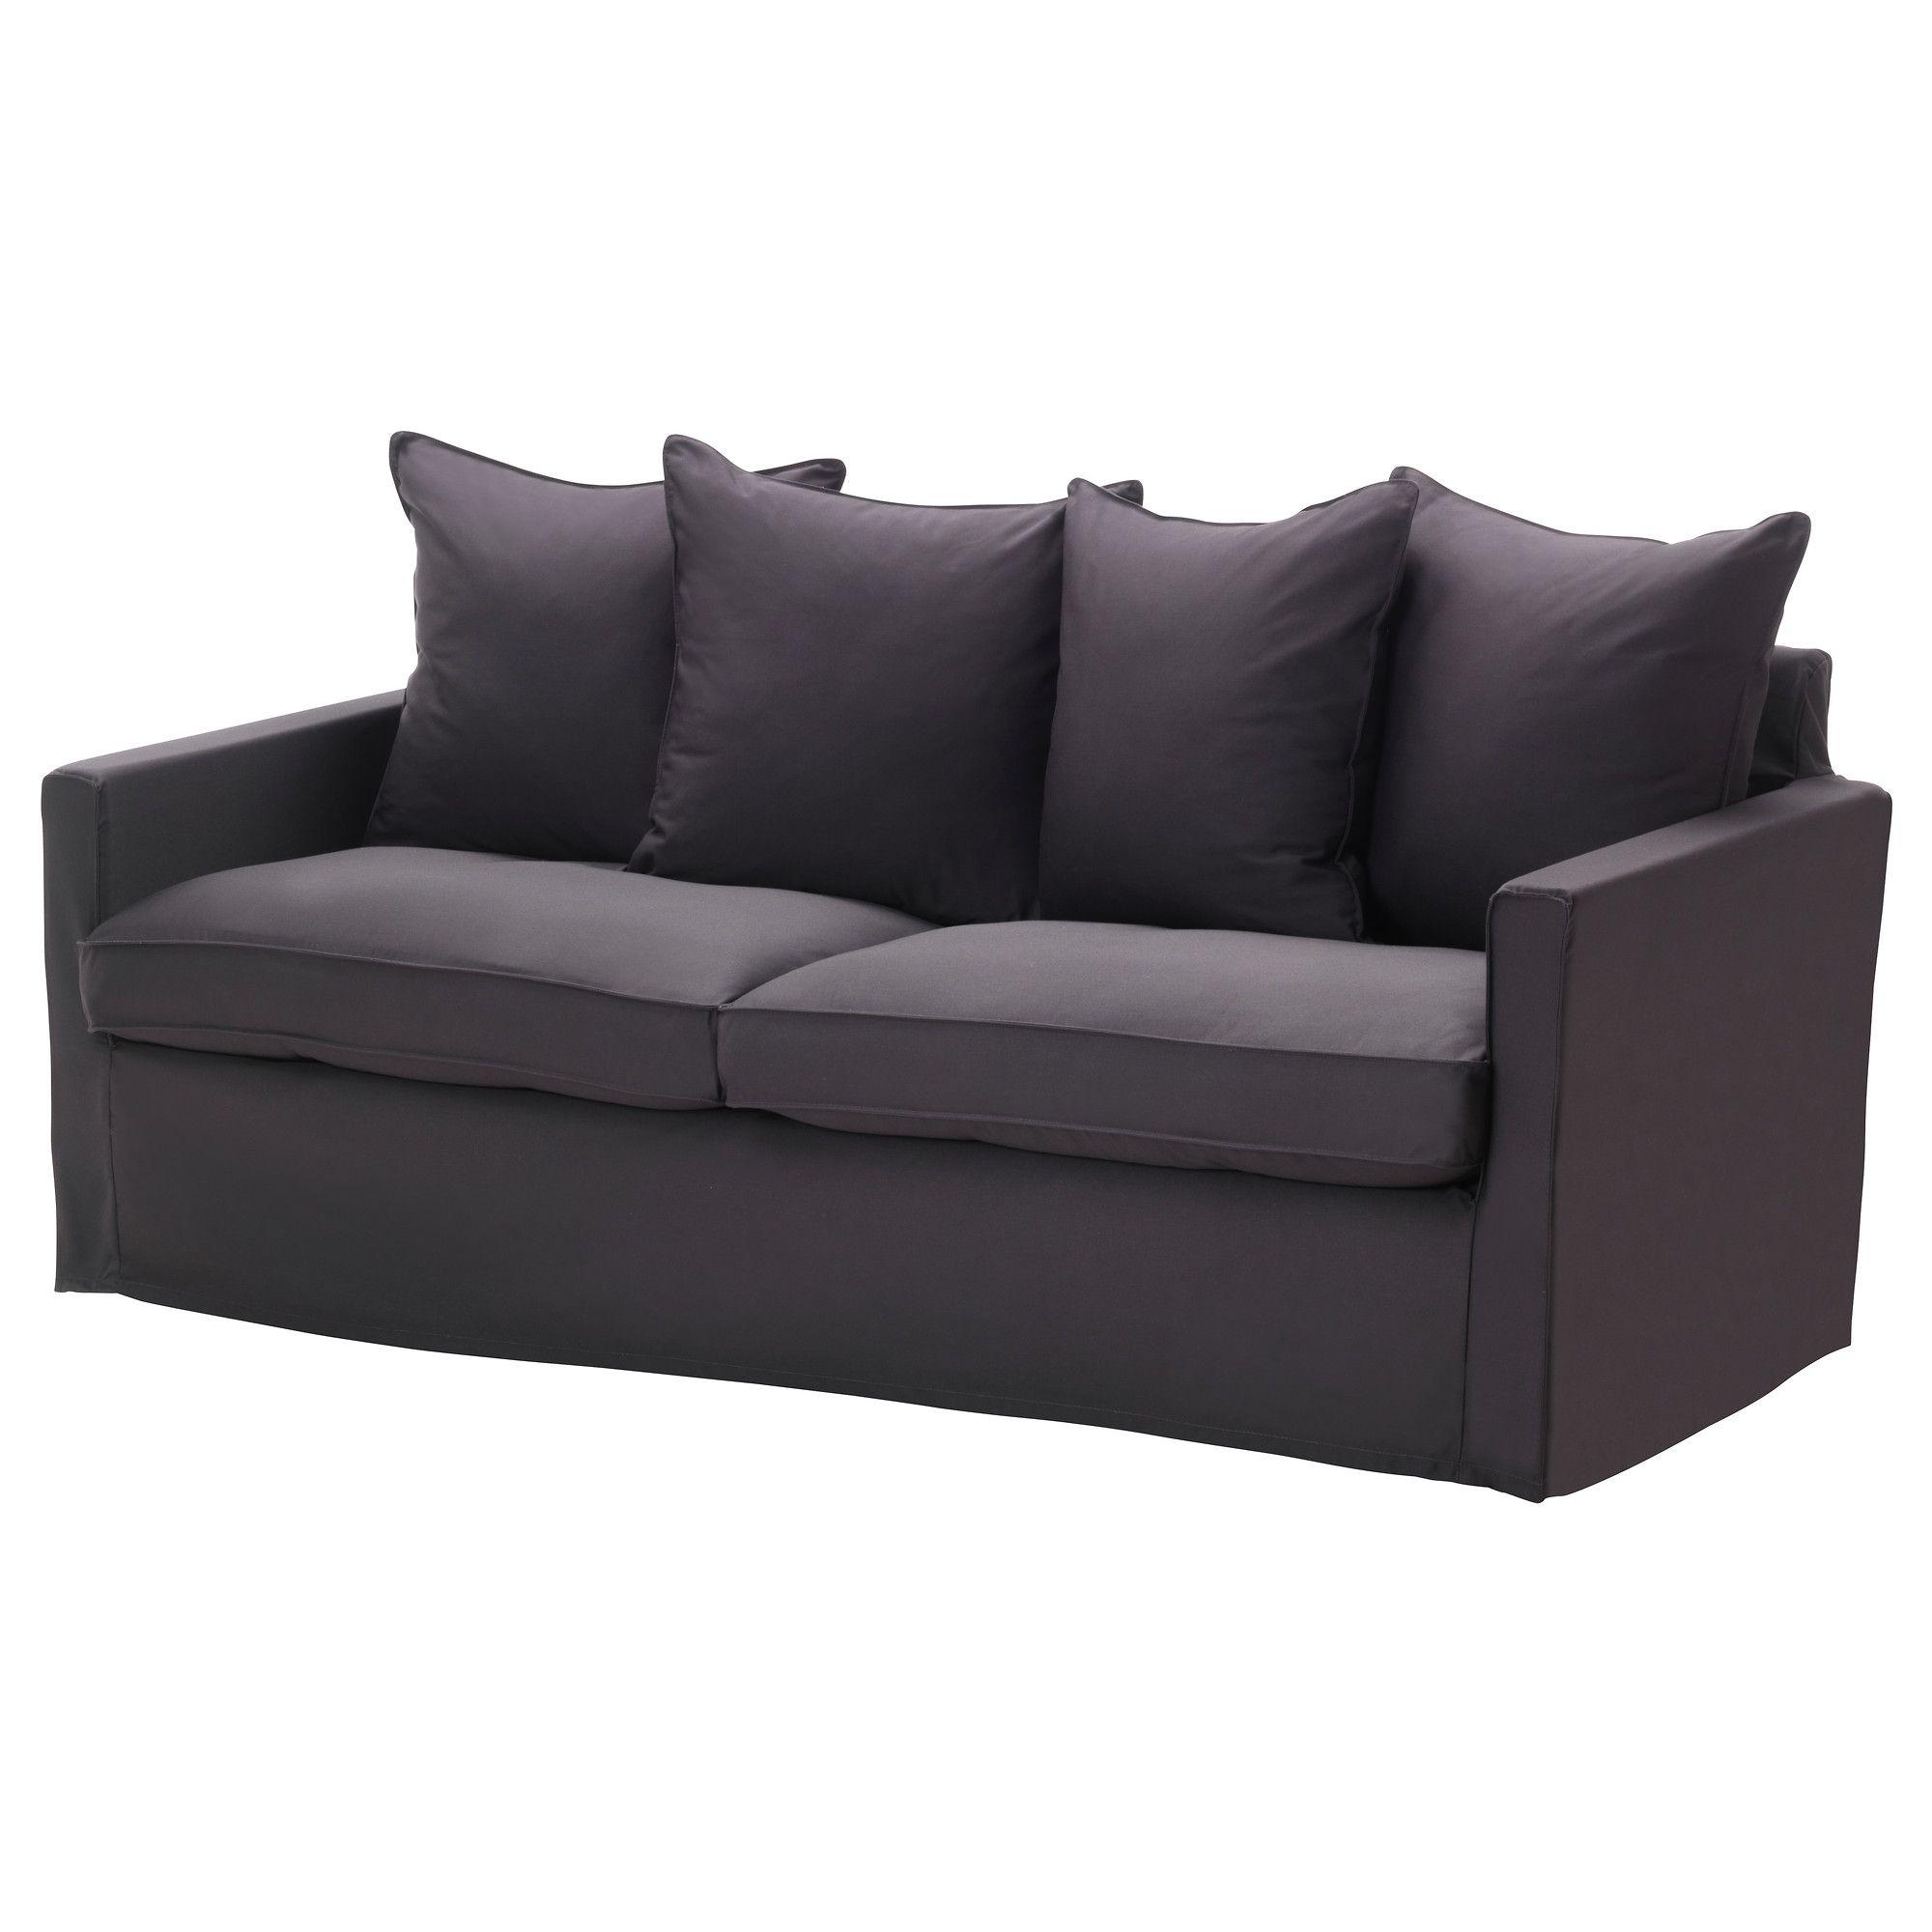 h rn sand canap olstorp gris fonc ikea meubles salon pinterest meuble salon. Black Bedroom Furniture Sets. Home Design Ideas